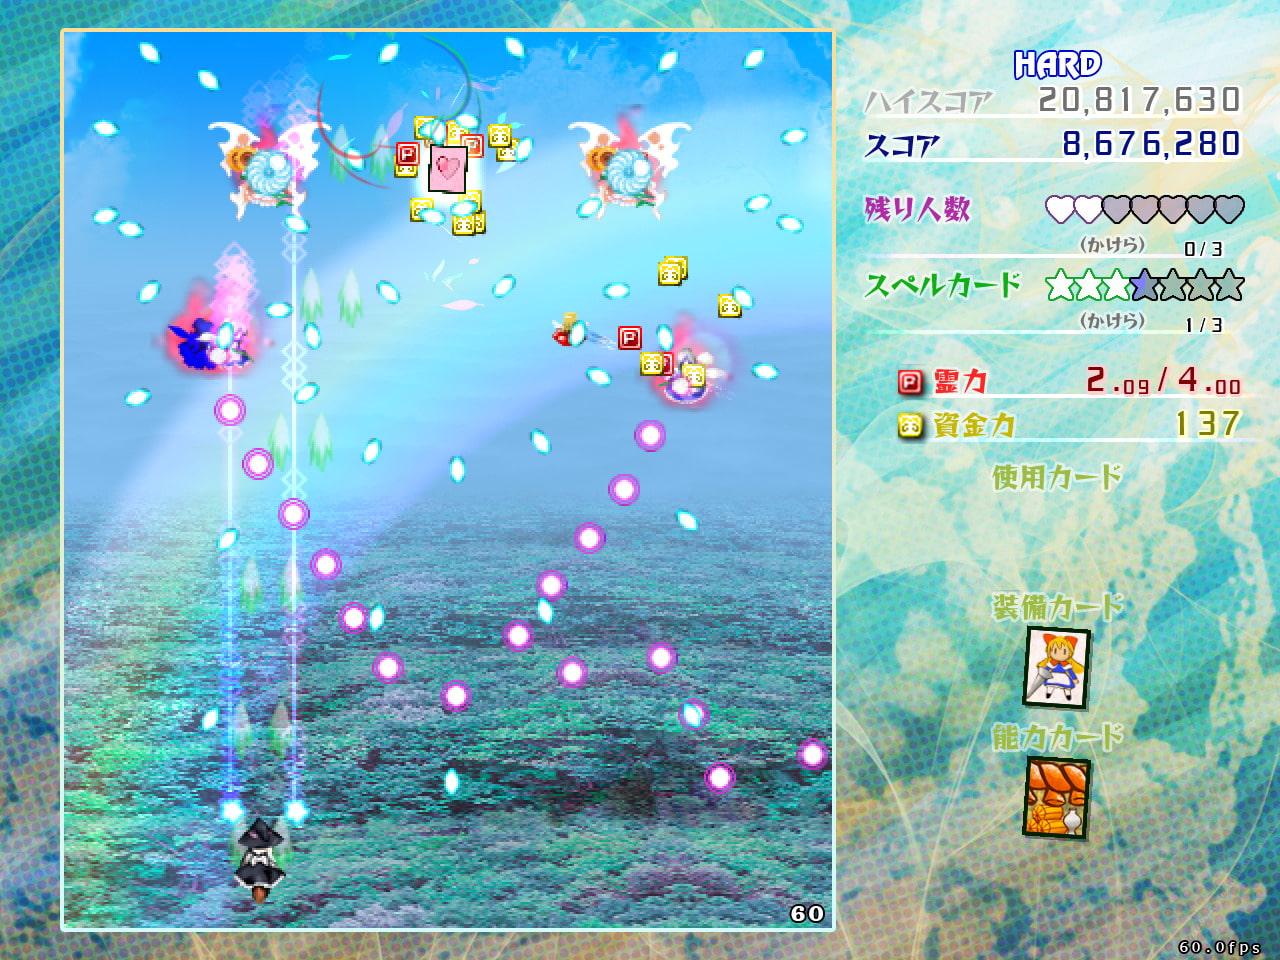 東方虹龍洞 〜 Unconnected Marketeers. (上海アリス幻樂団) DLsite提供:同人ゲーム – シューティング